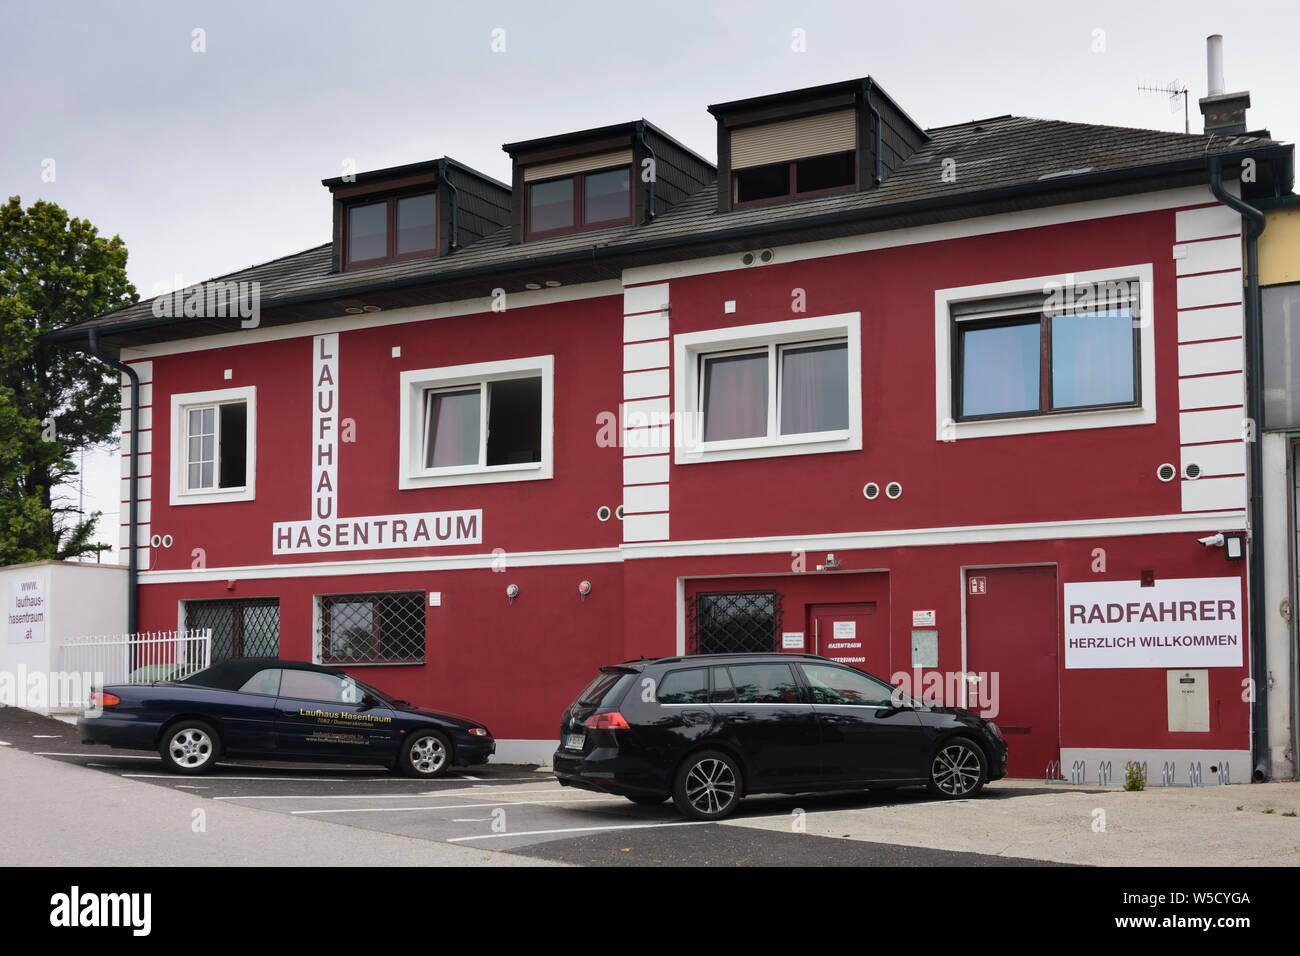 Österreich laufhäuser Laufhaus Bel